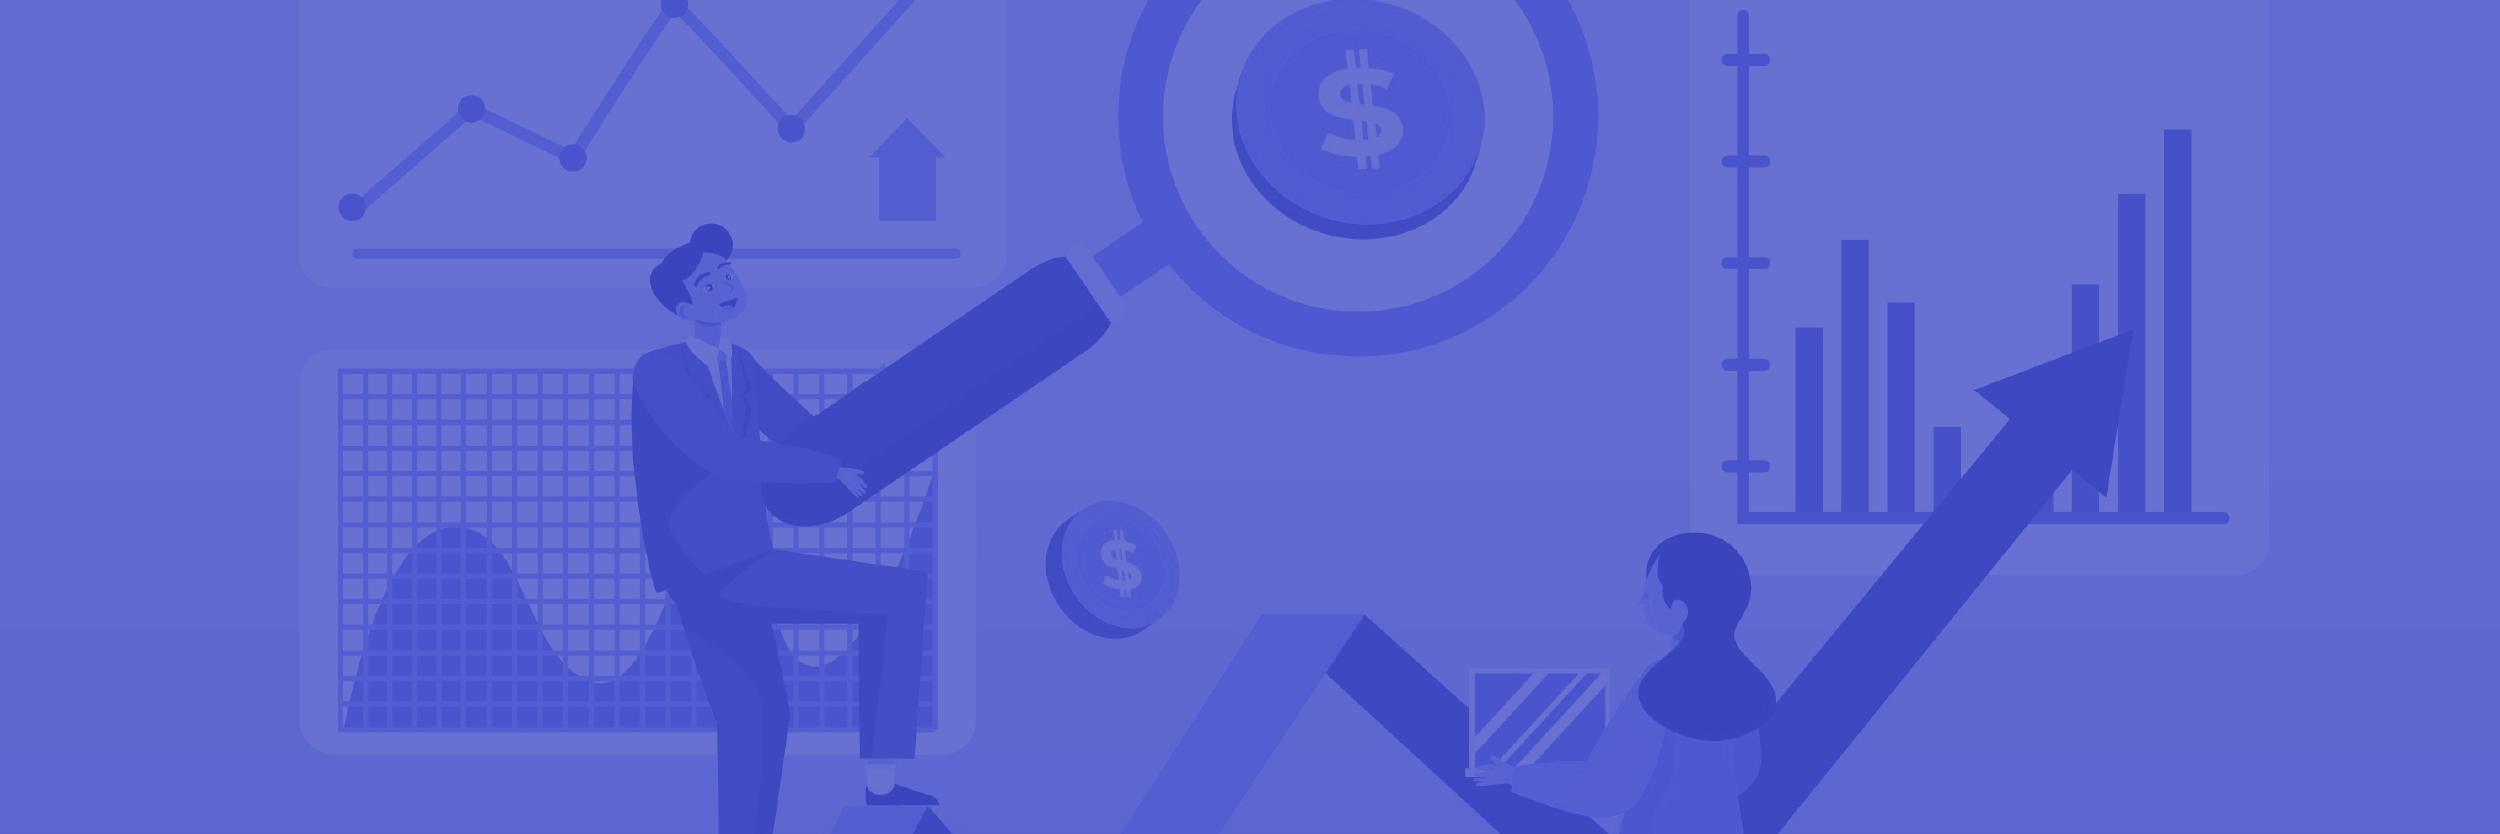 3 indicateurs essentiels pour analyser votre positionnement prix